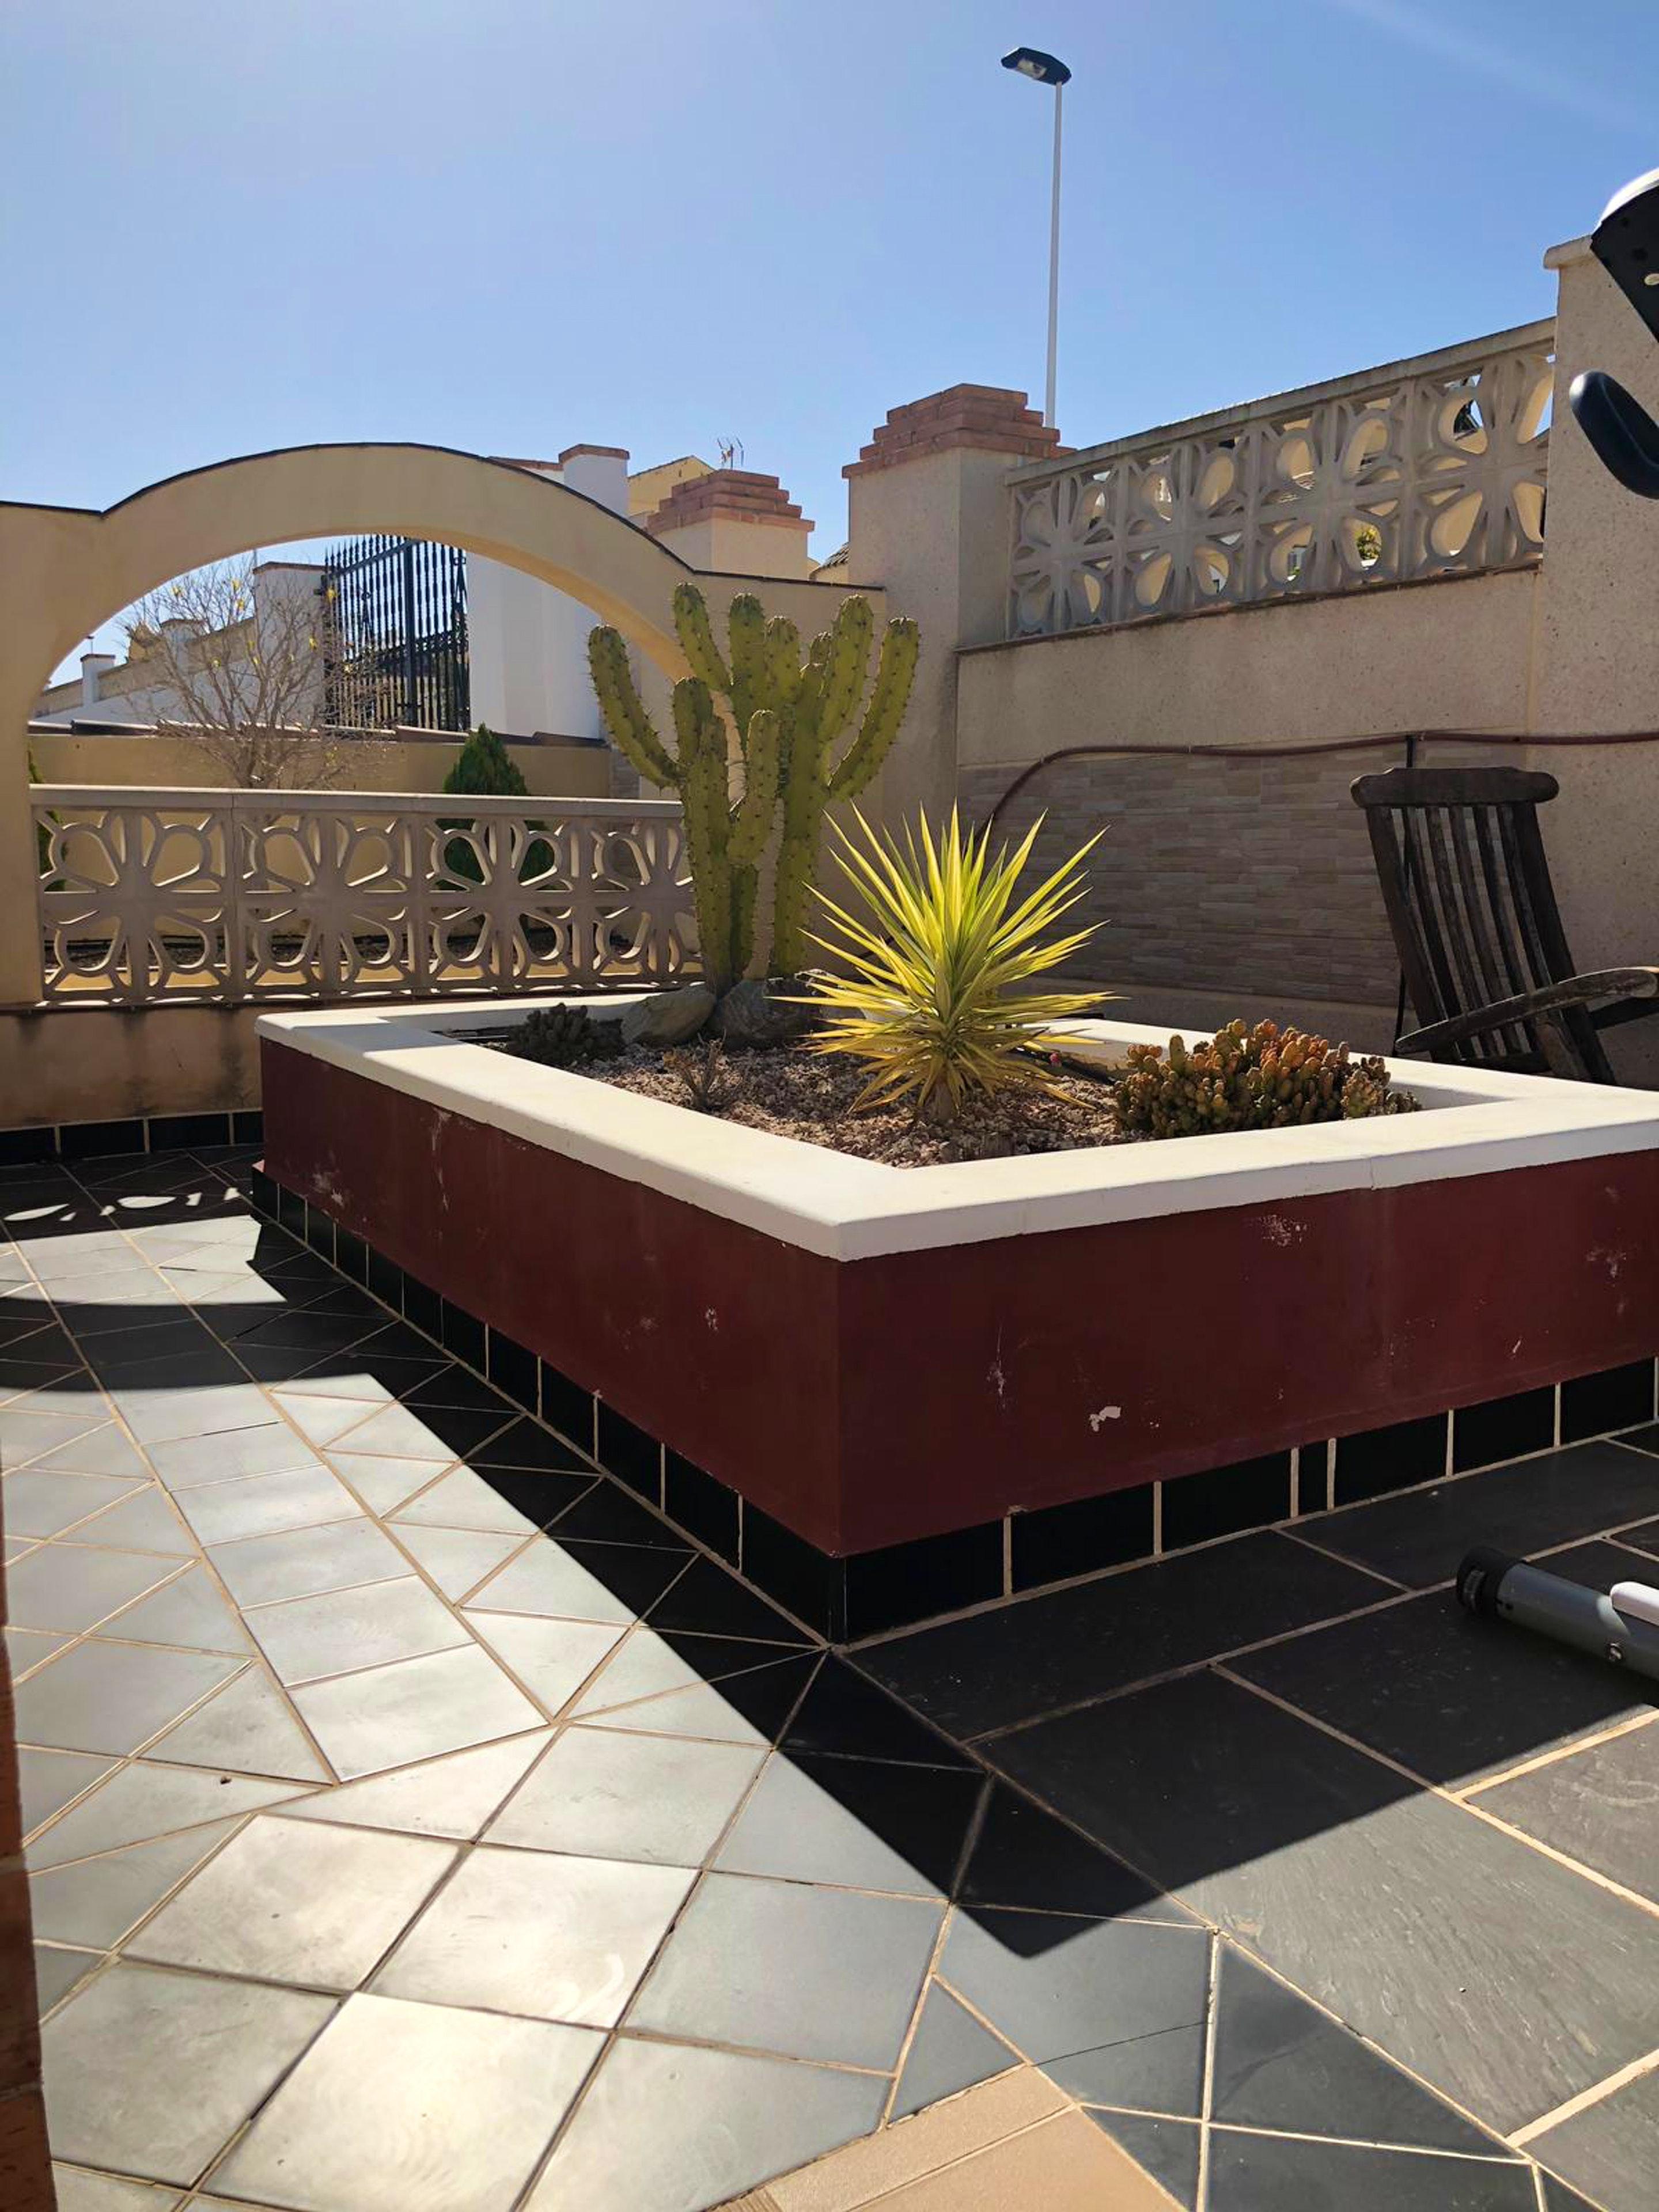 Appartement de vacances Wohnung mit 2 Schlafzimmern in Mazarrón mit toller Aussicht auf die Berge, privatem Pool,  (2632538), Mazarron, Costa Calida, Murcie, Espagne, image 37